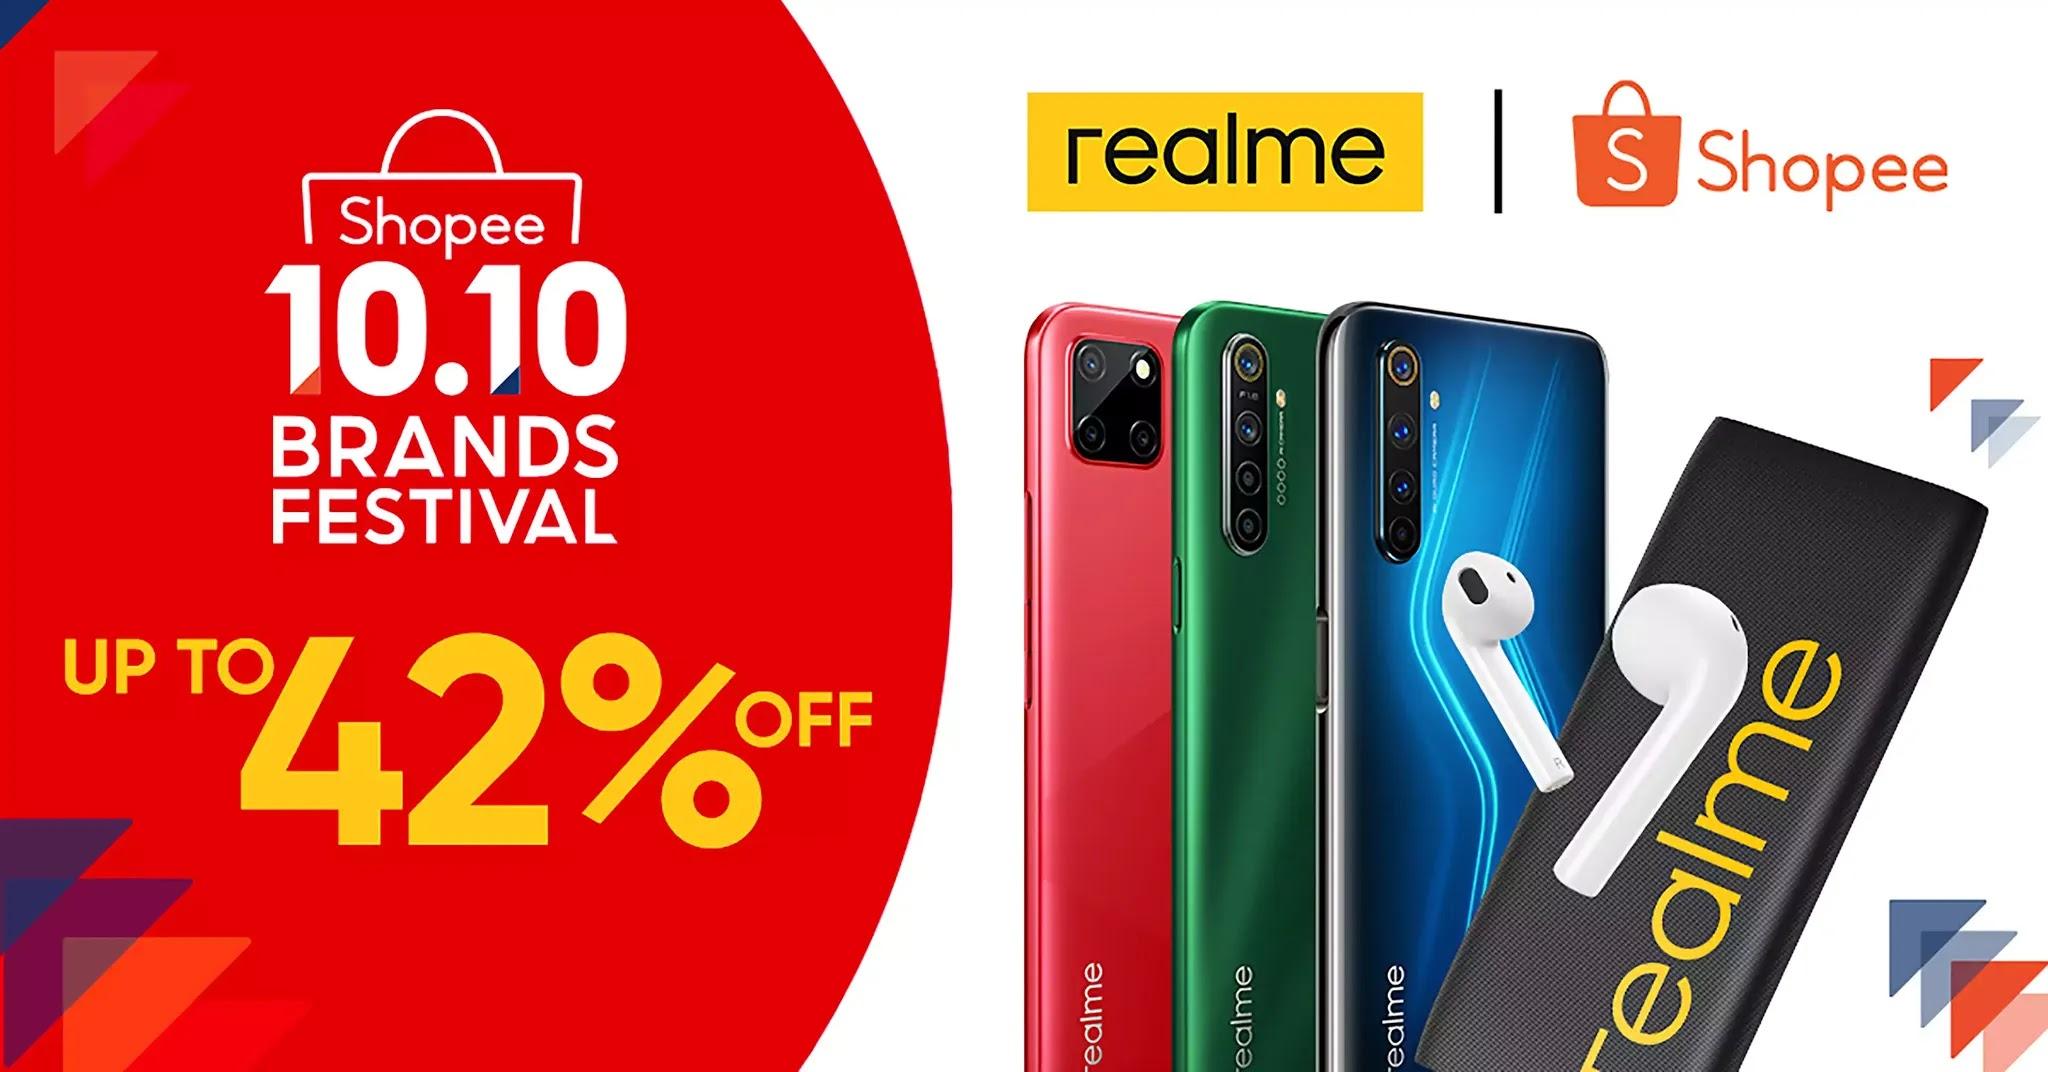 realme at Shopee 10.10 Brand Festival Sale